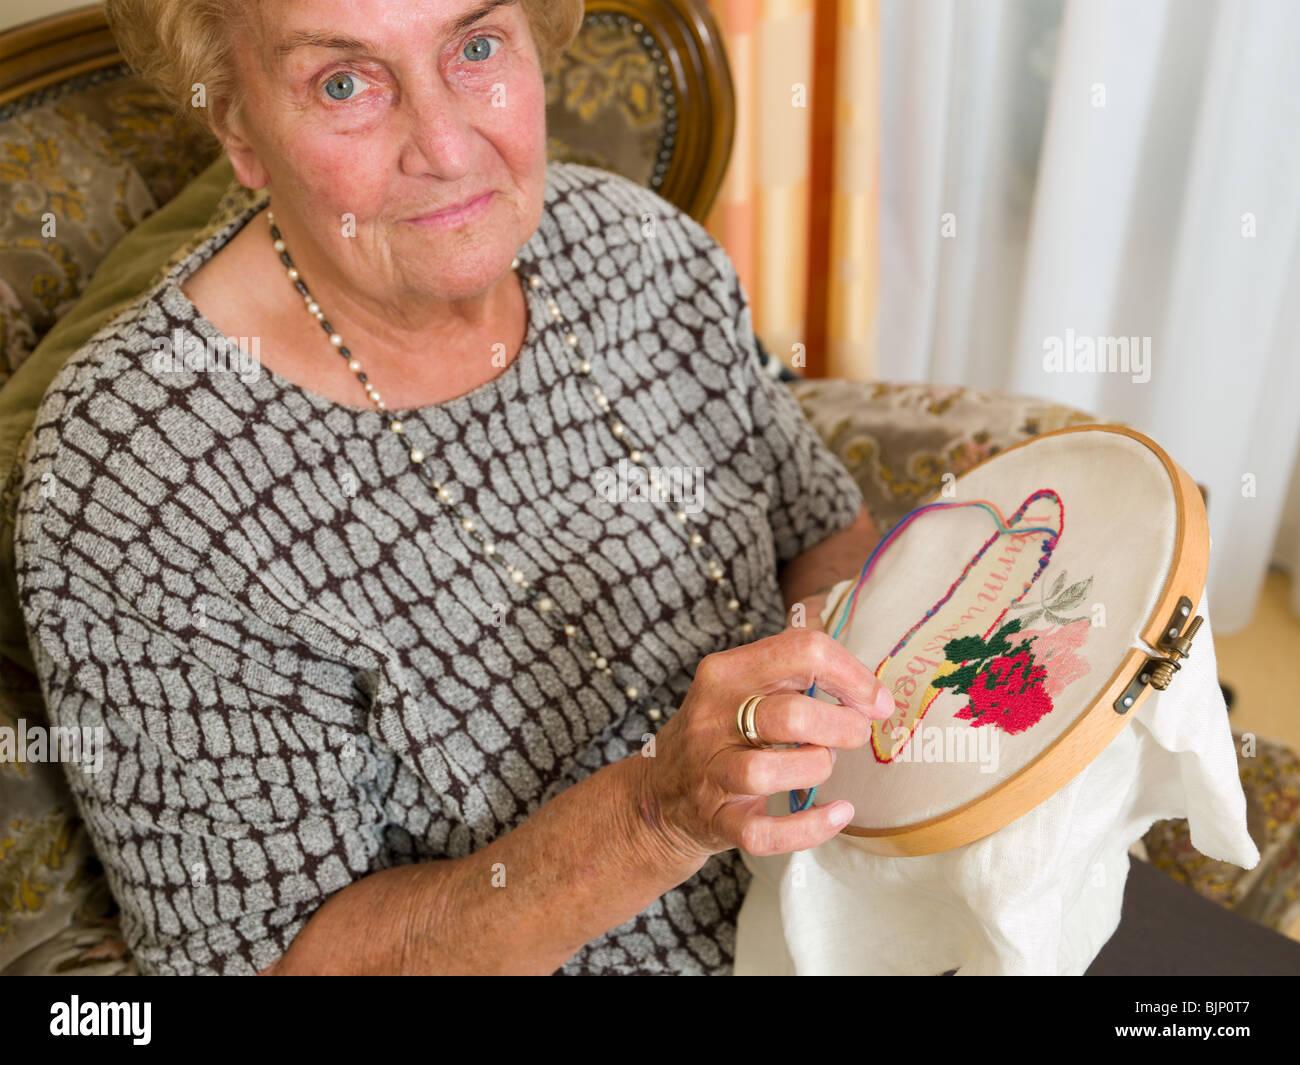 Senior woman doing crochet - Stock Image